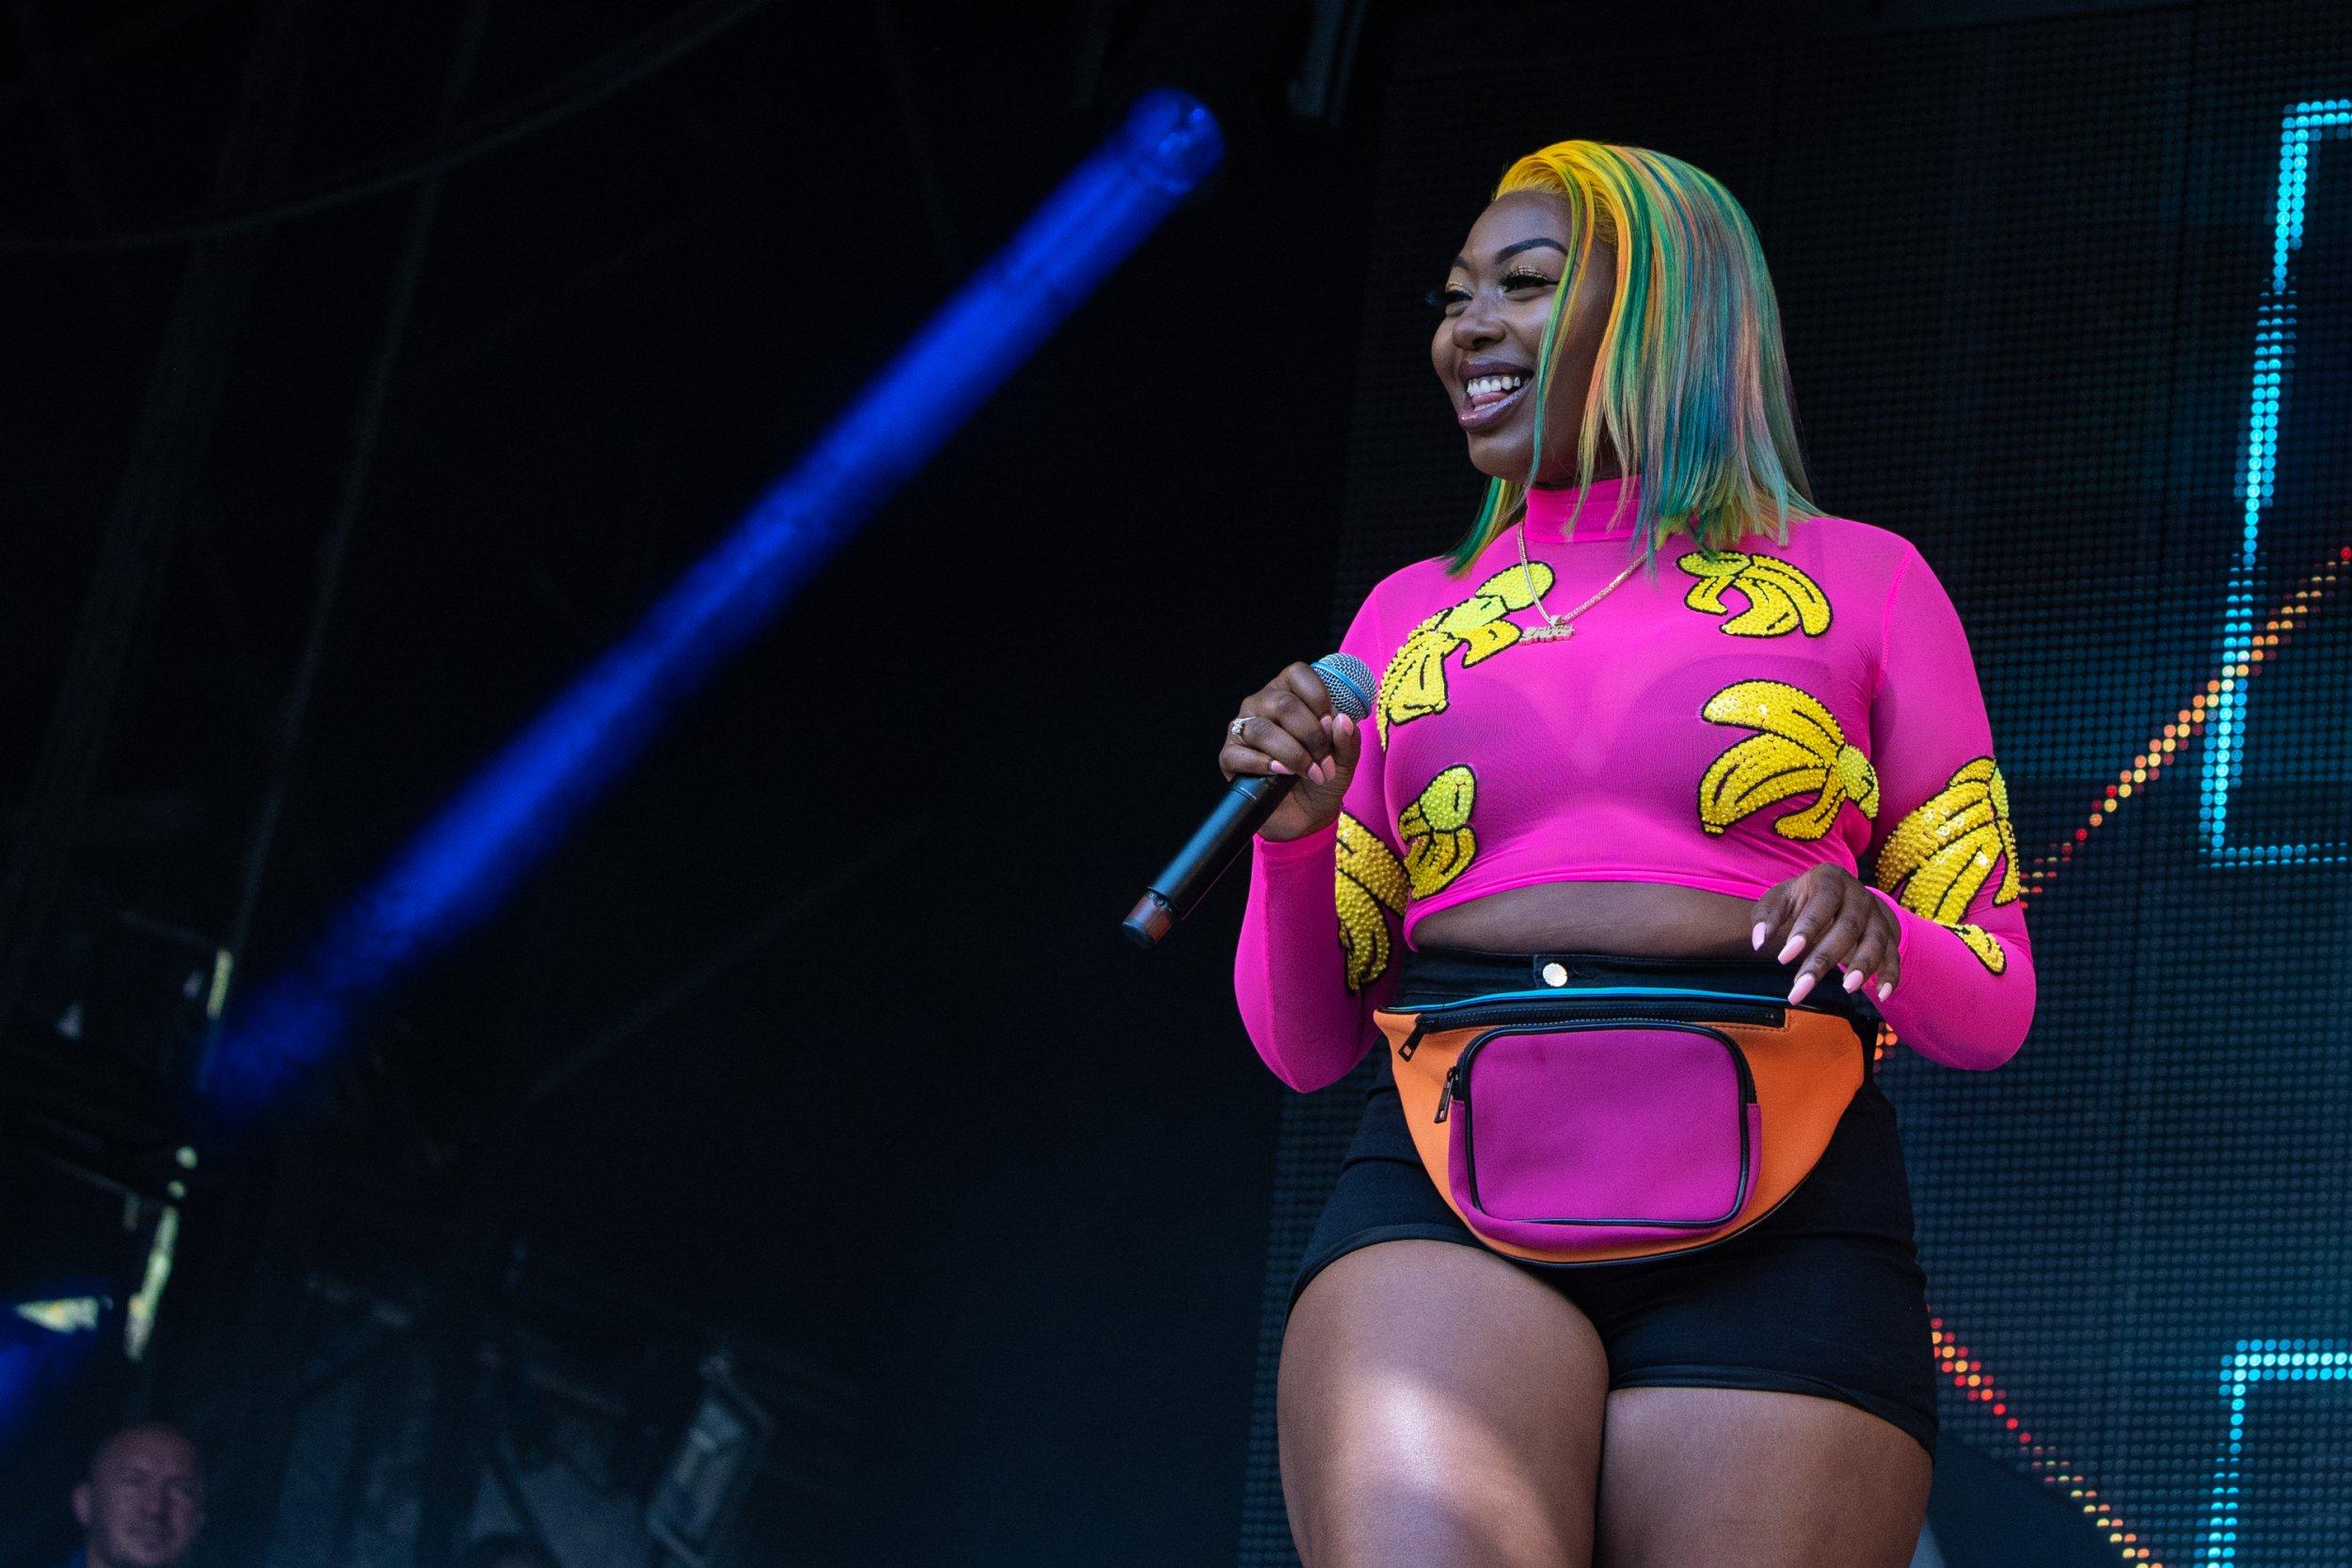 Ms Banks to Collab with Nicki Minaj